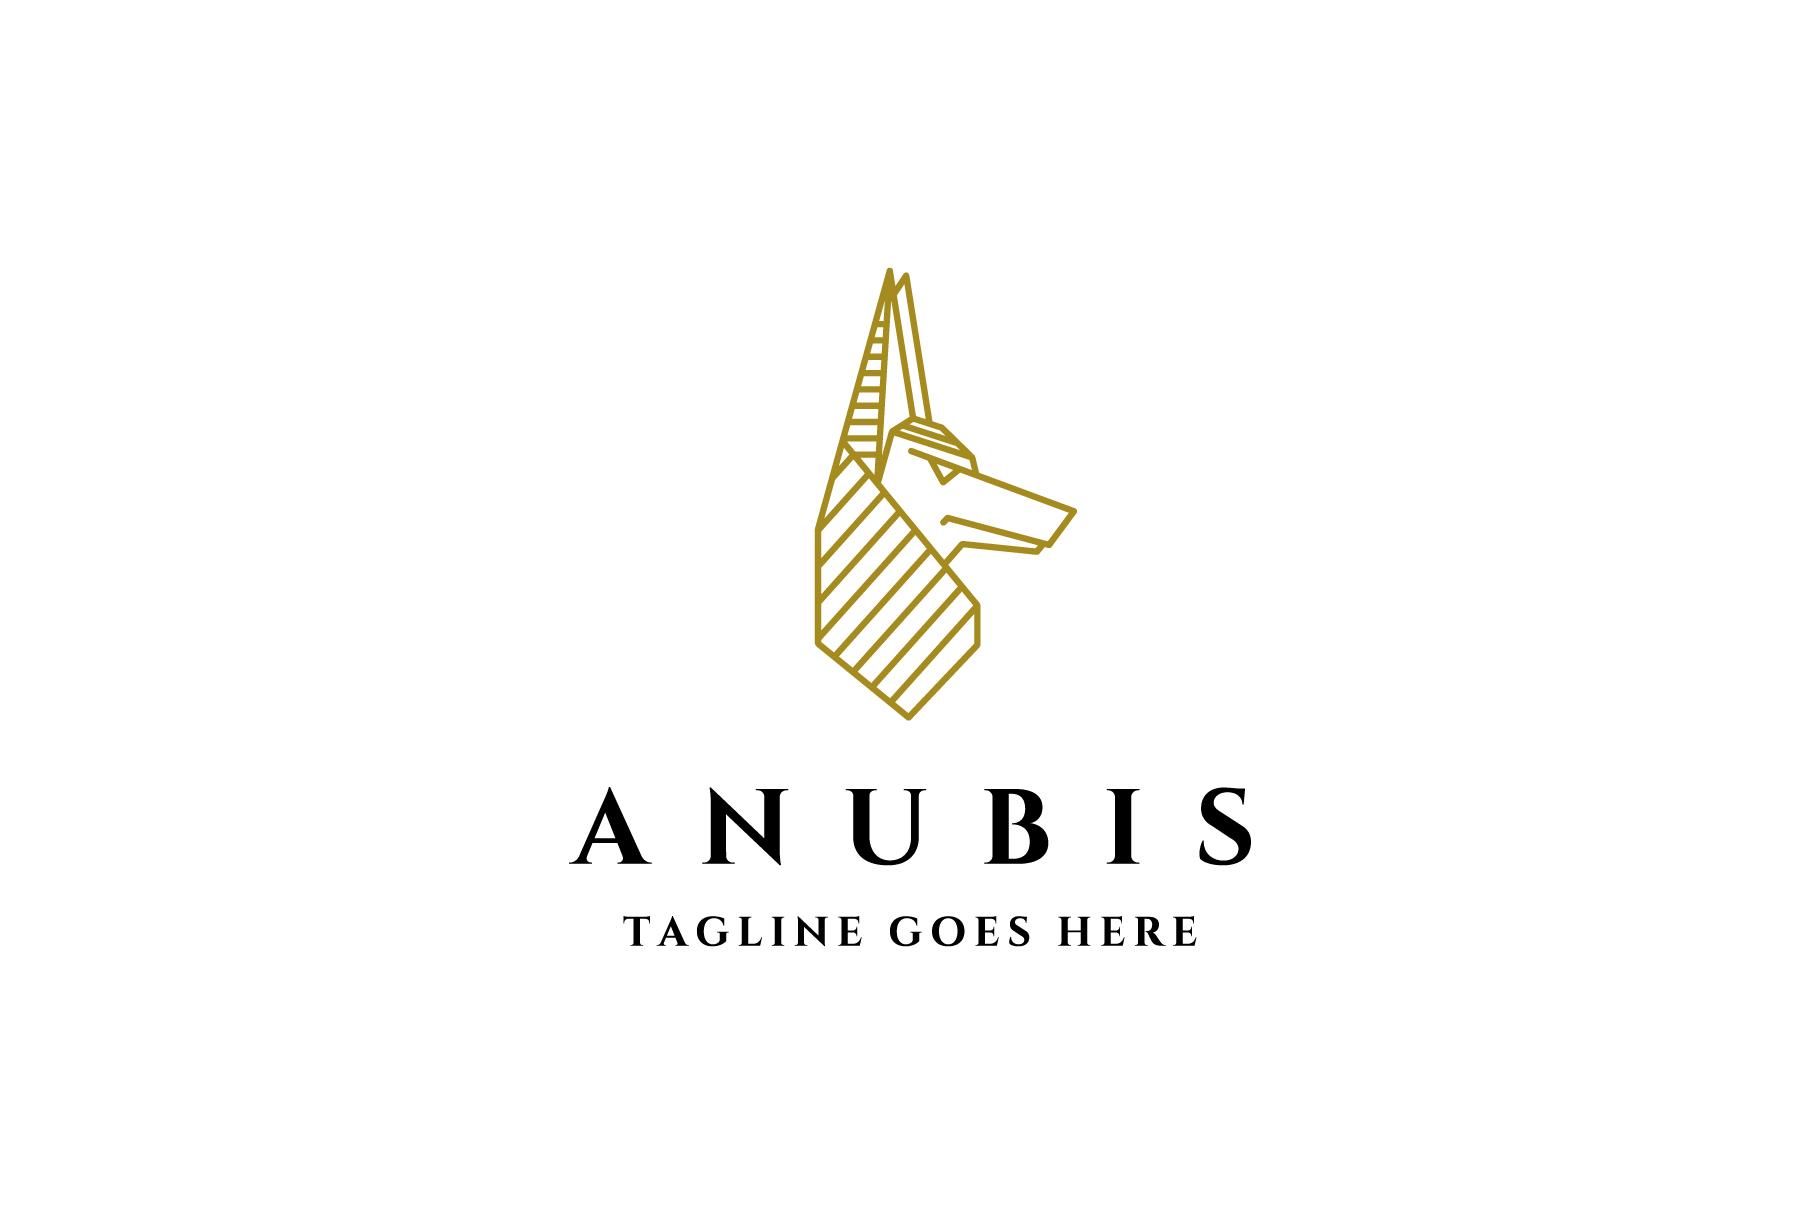 anubis egyptian god logo example image 1